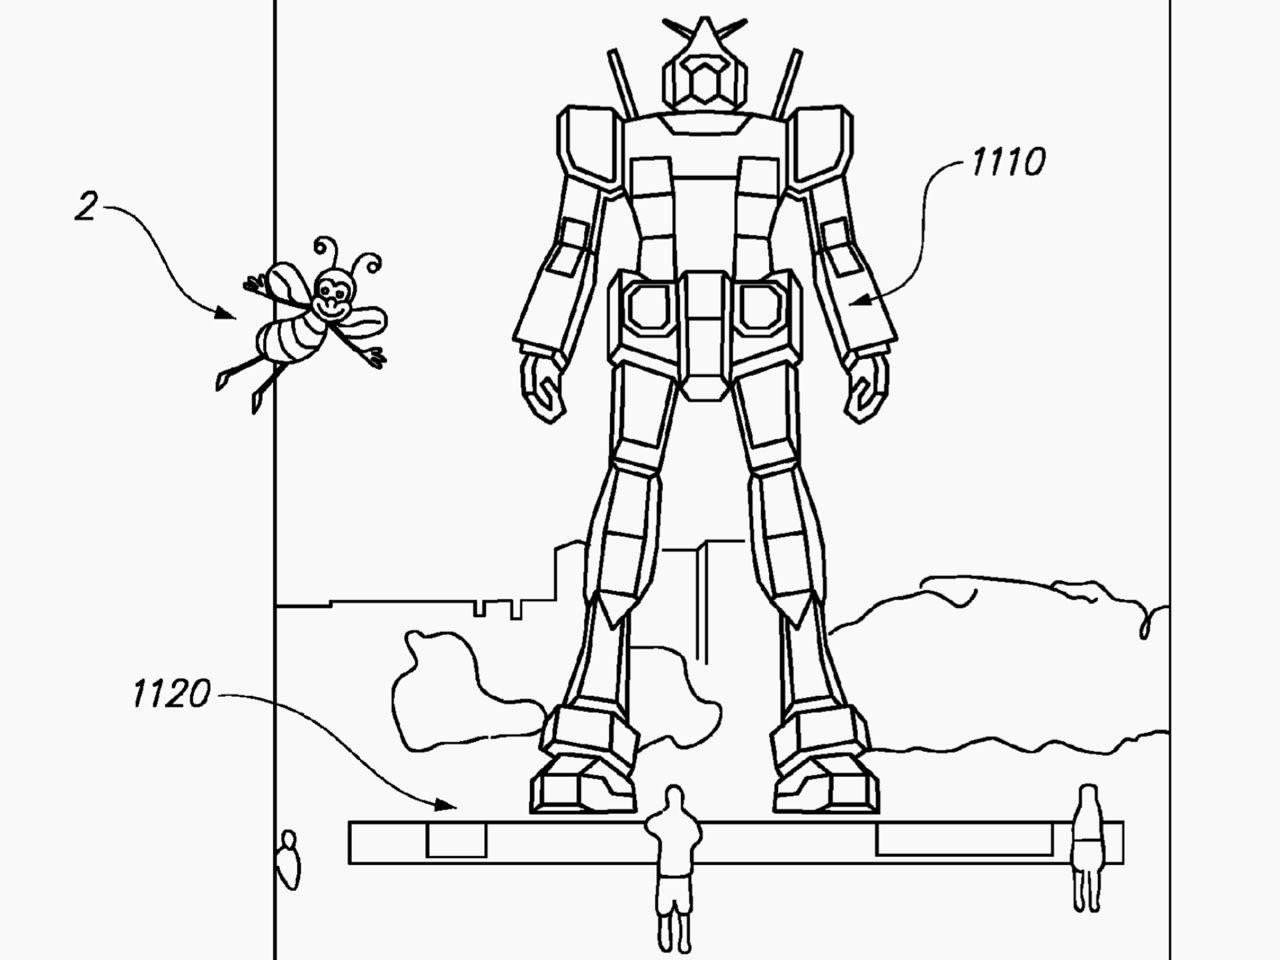 magicleap-robot